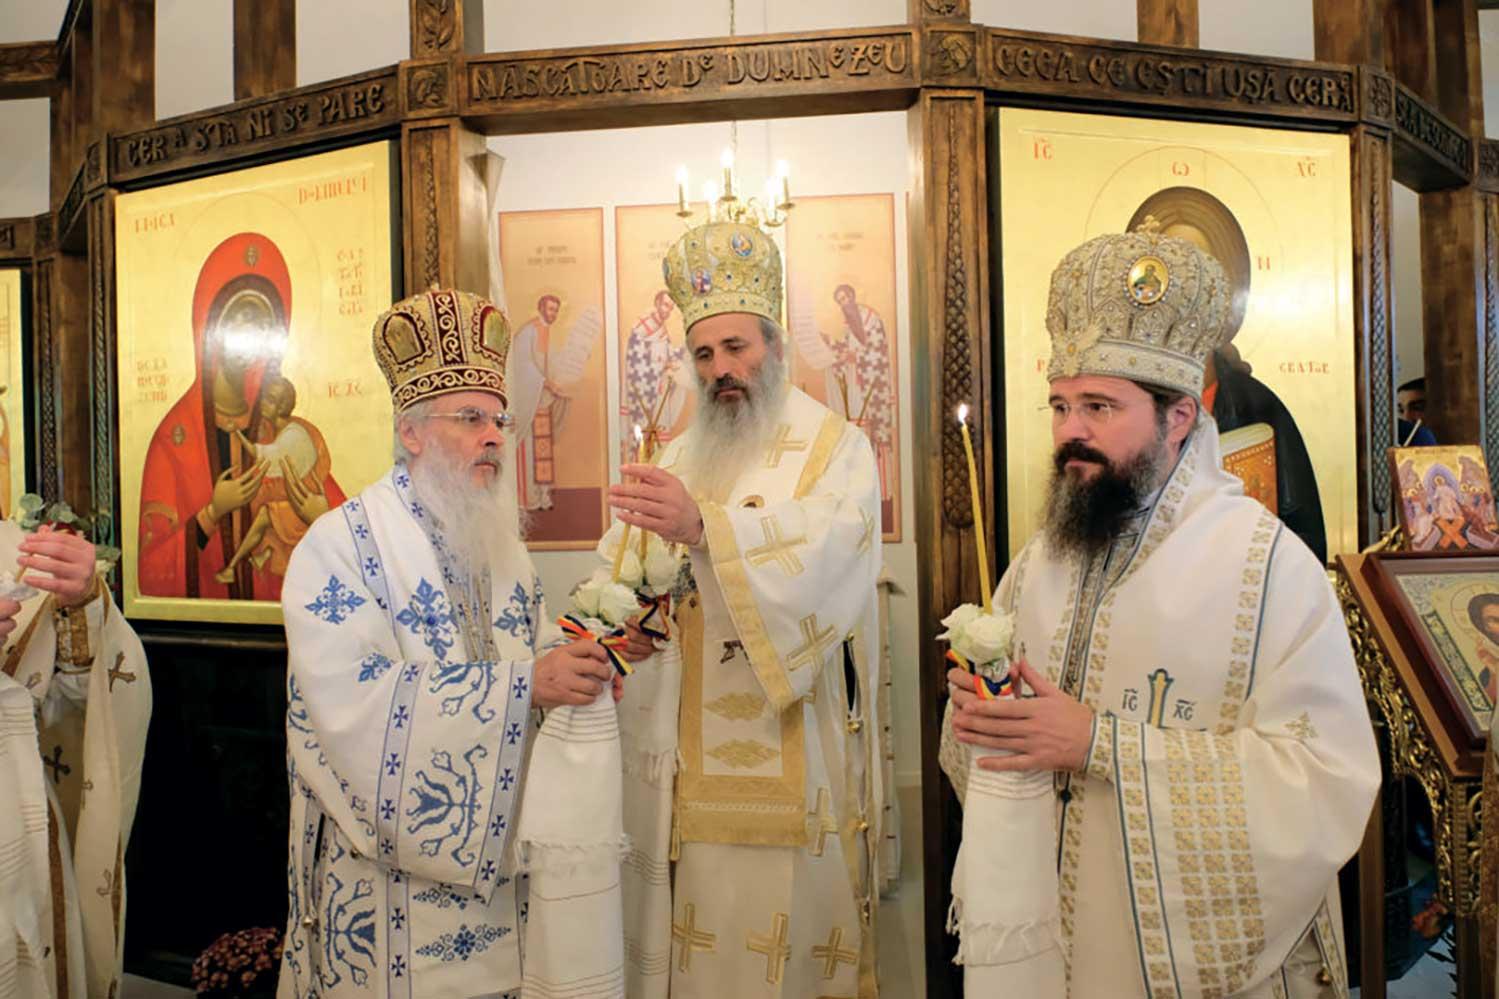 Biserici ortodoxe româneşti sfinţite  în Norvegia, Italia, Canada şi Elveţia